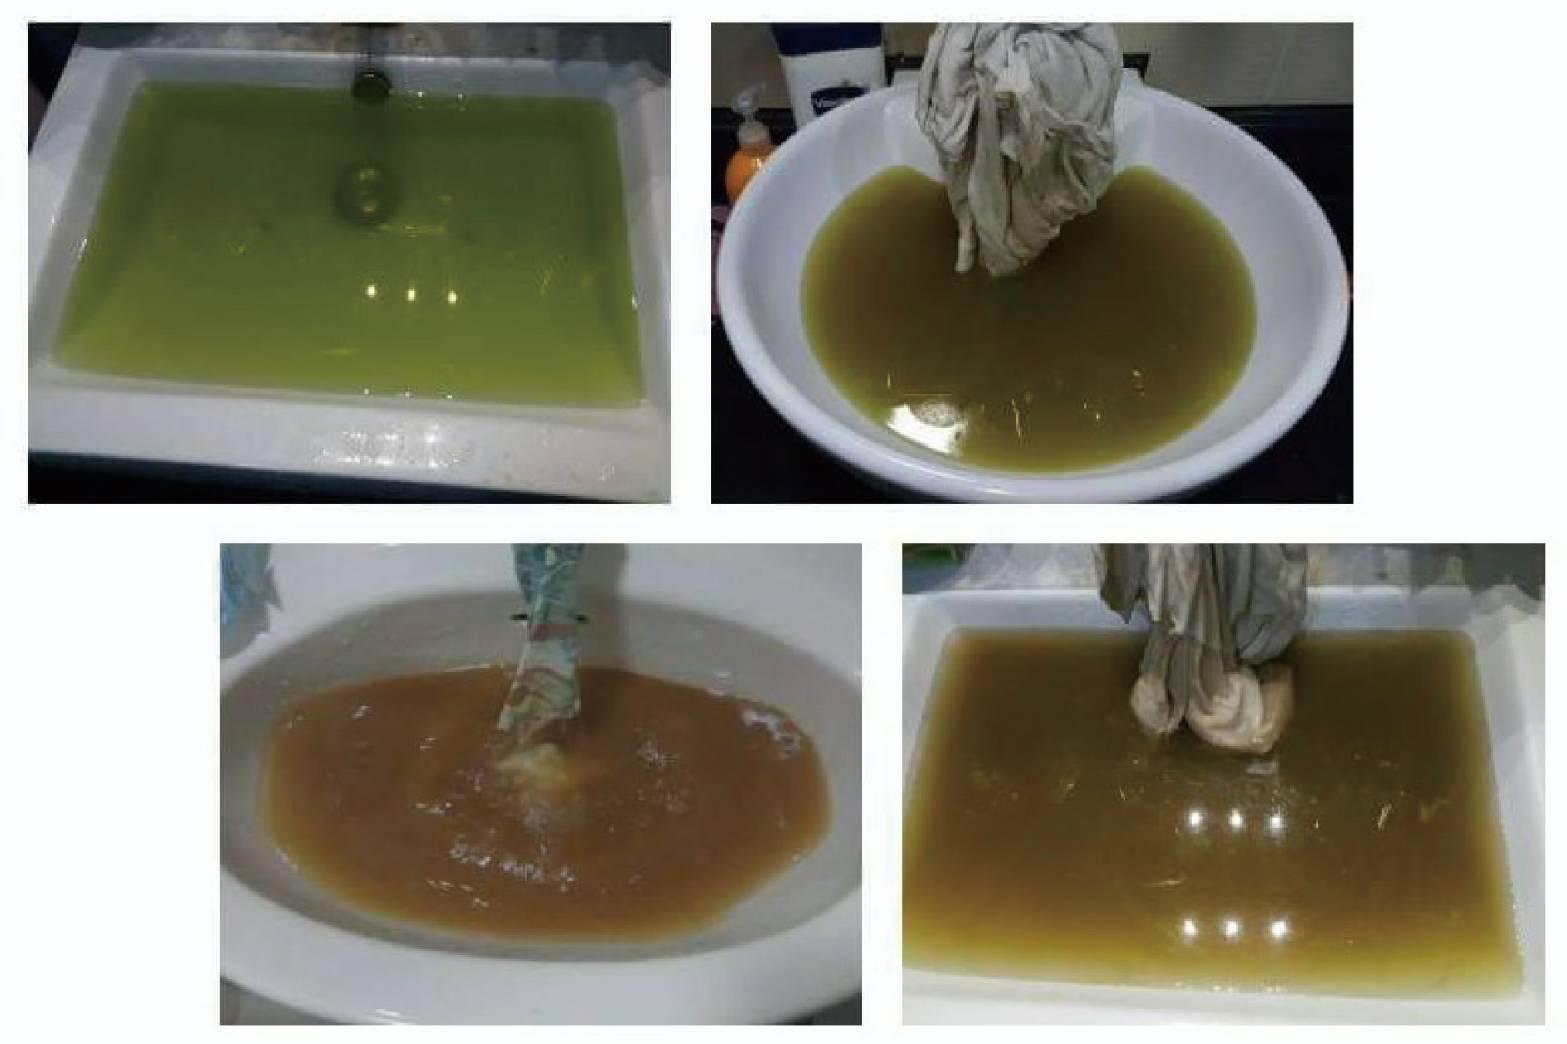 洗水塔就安心?水管藏毒菌  小心癌症找上門